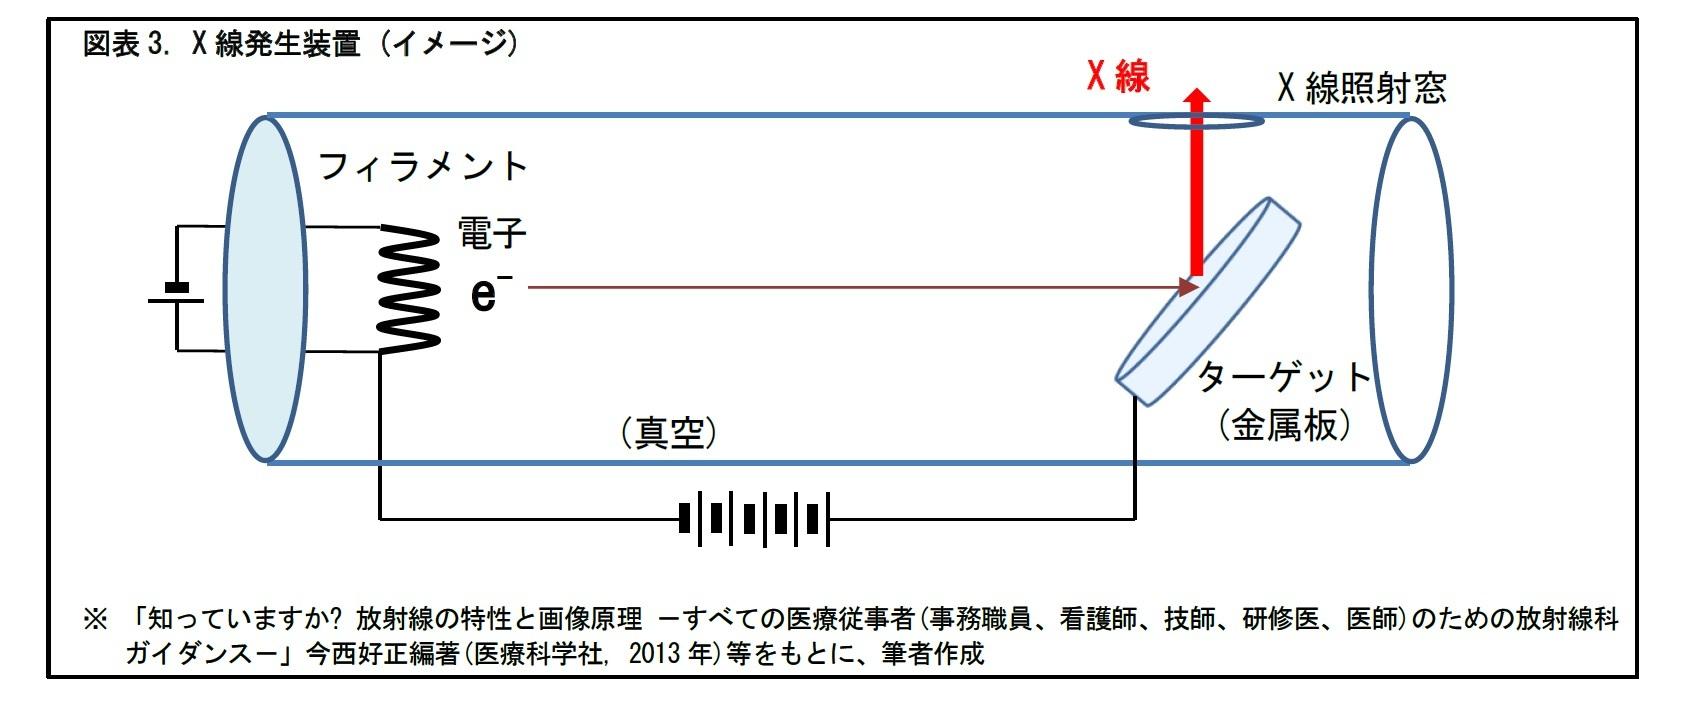 図表3. X 線発生装置 (イメージ)